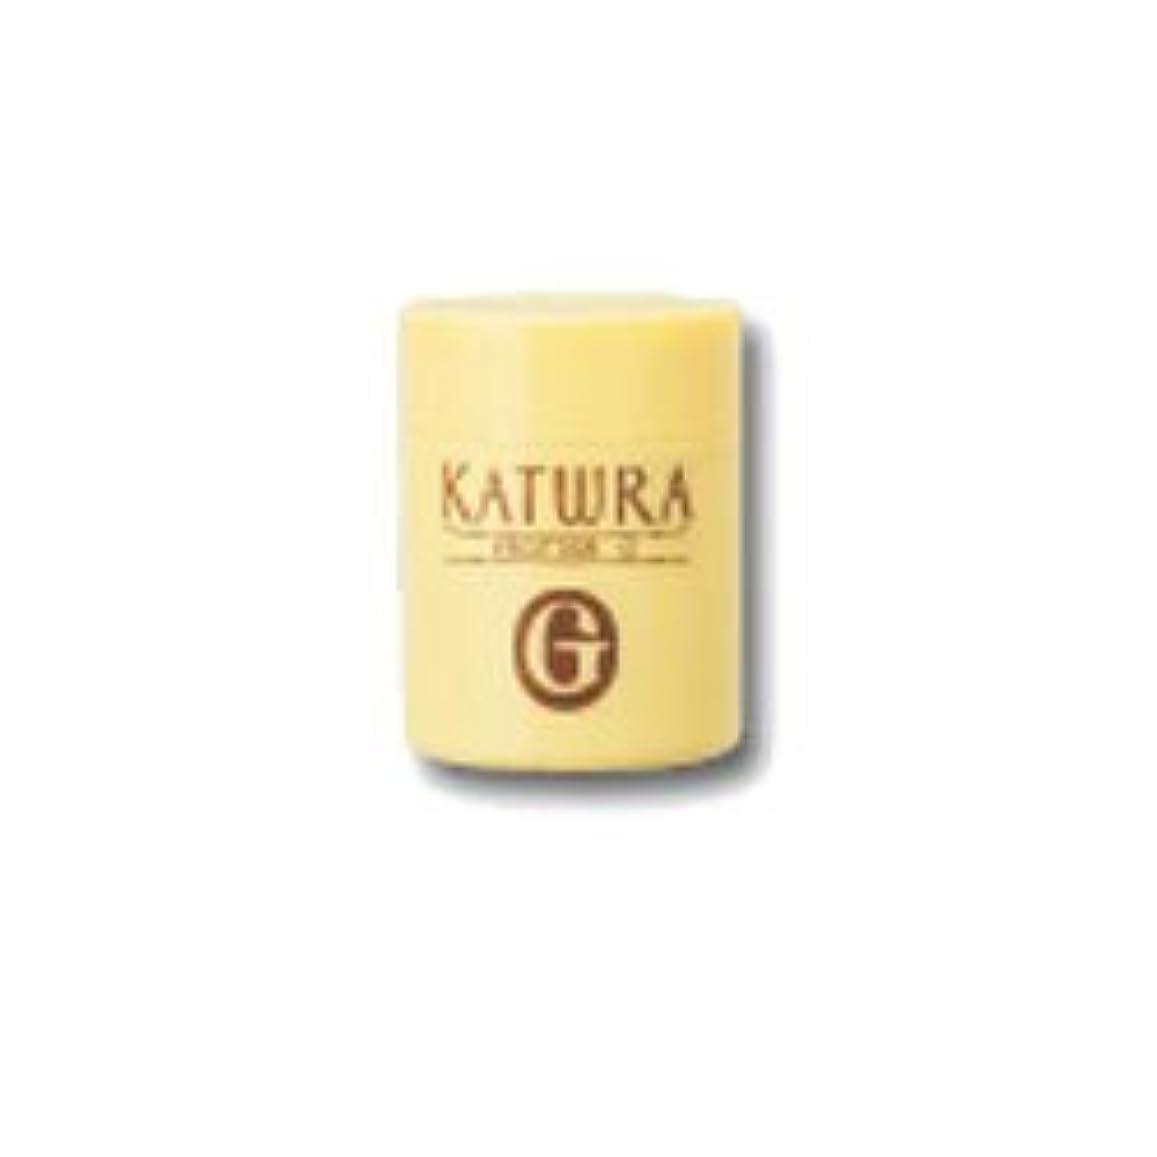 ホールド湖実質的【カツウラ化粧品】カツウラ?フローテG 220g ×5個セット